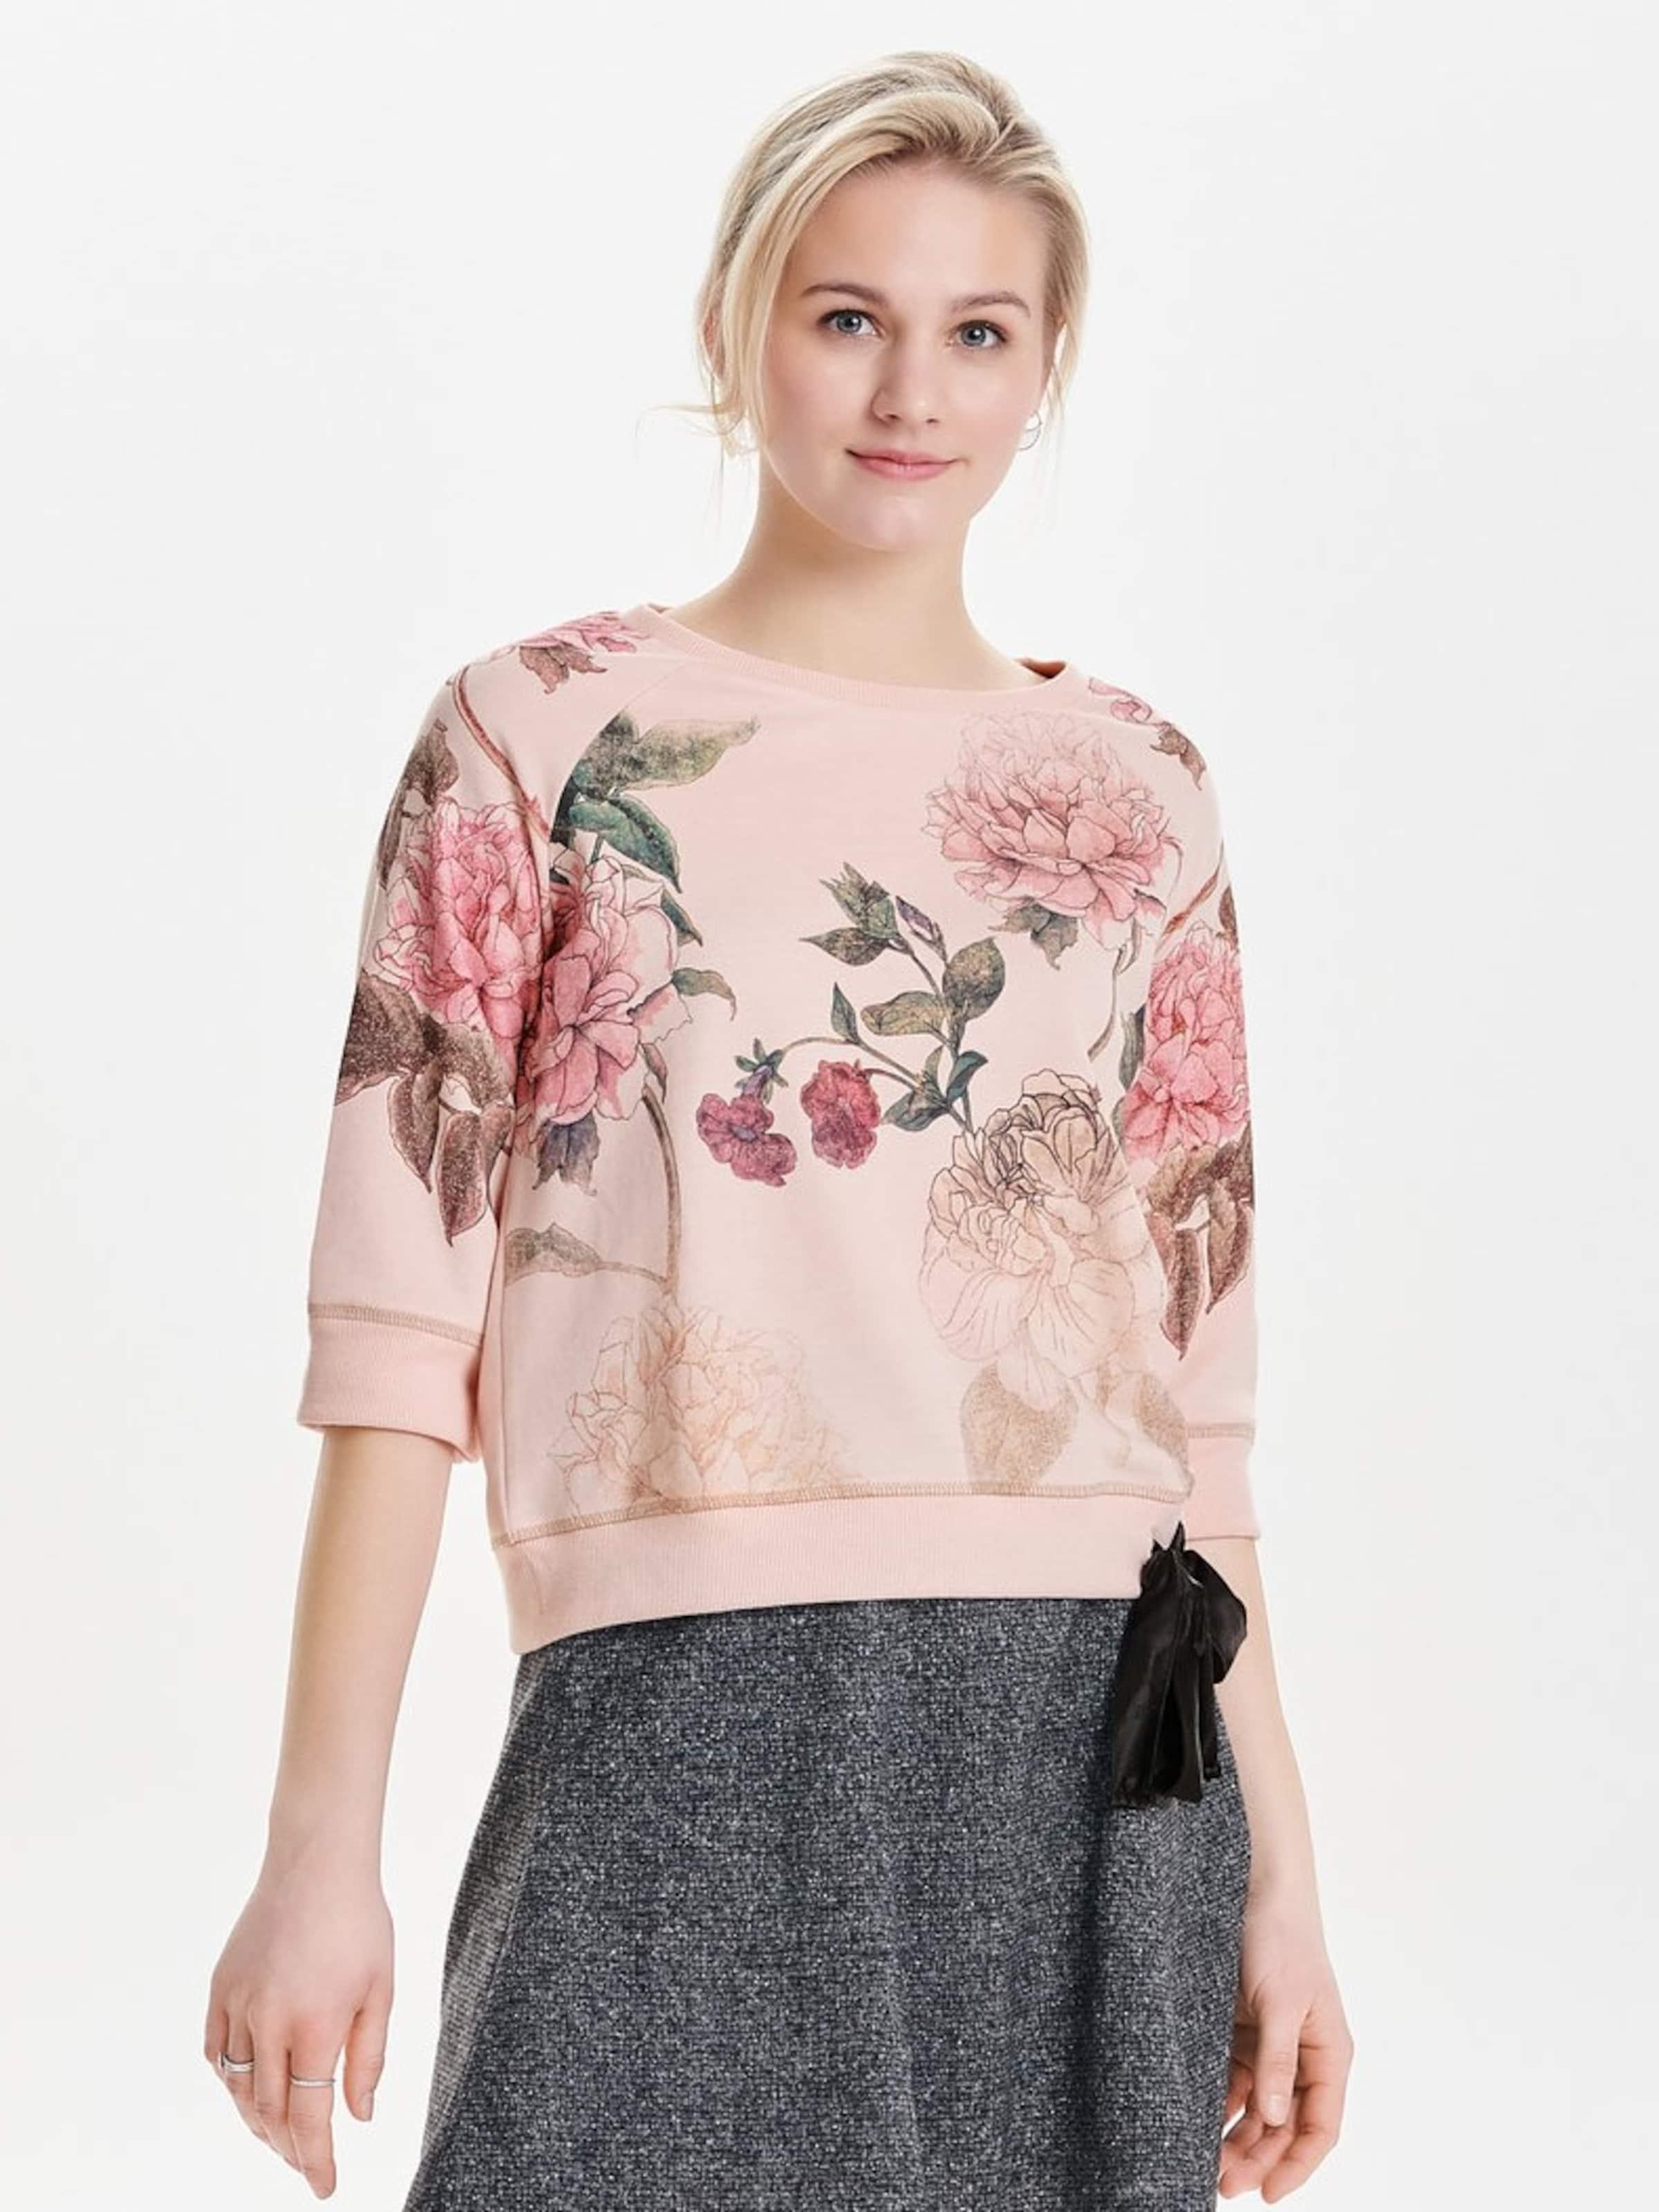 Verkauf Günstig Online ONLY Blumenprint Sweatshirt Online Wie Vielen Verkauf srVGmEpw5